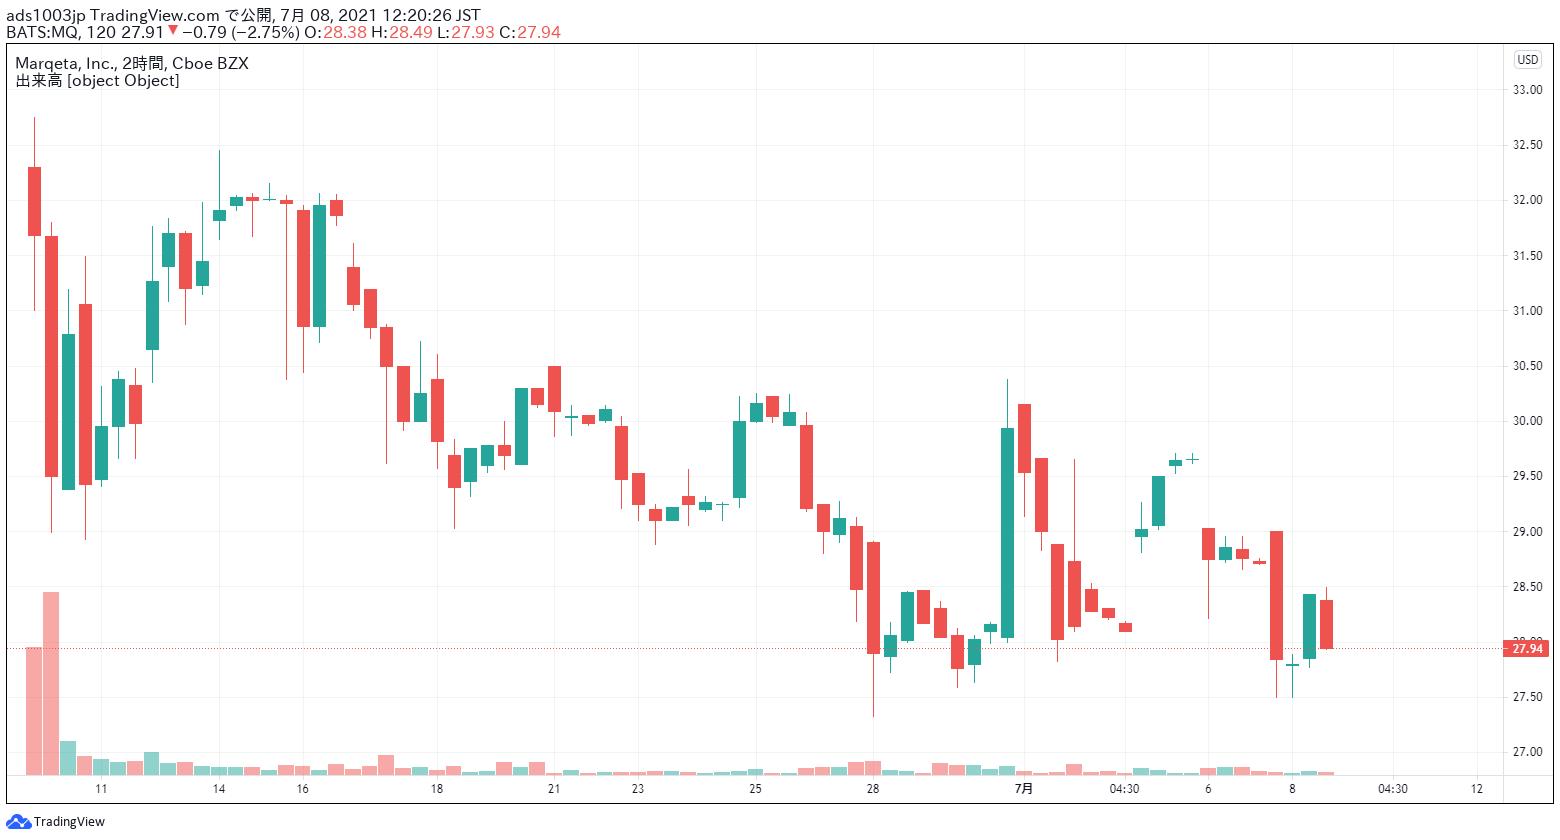 マルケタ 株価